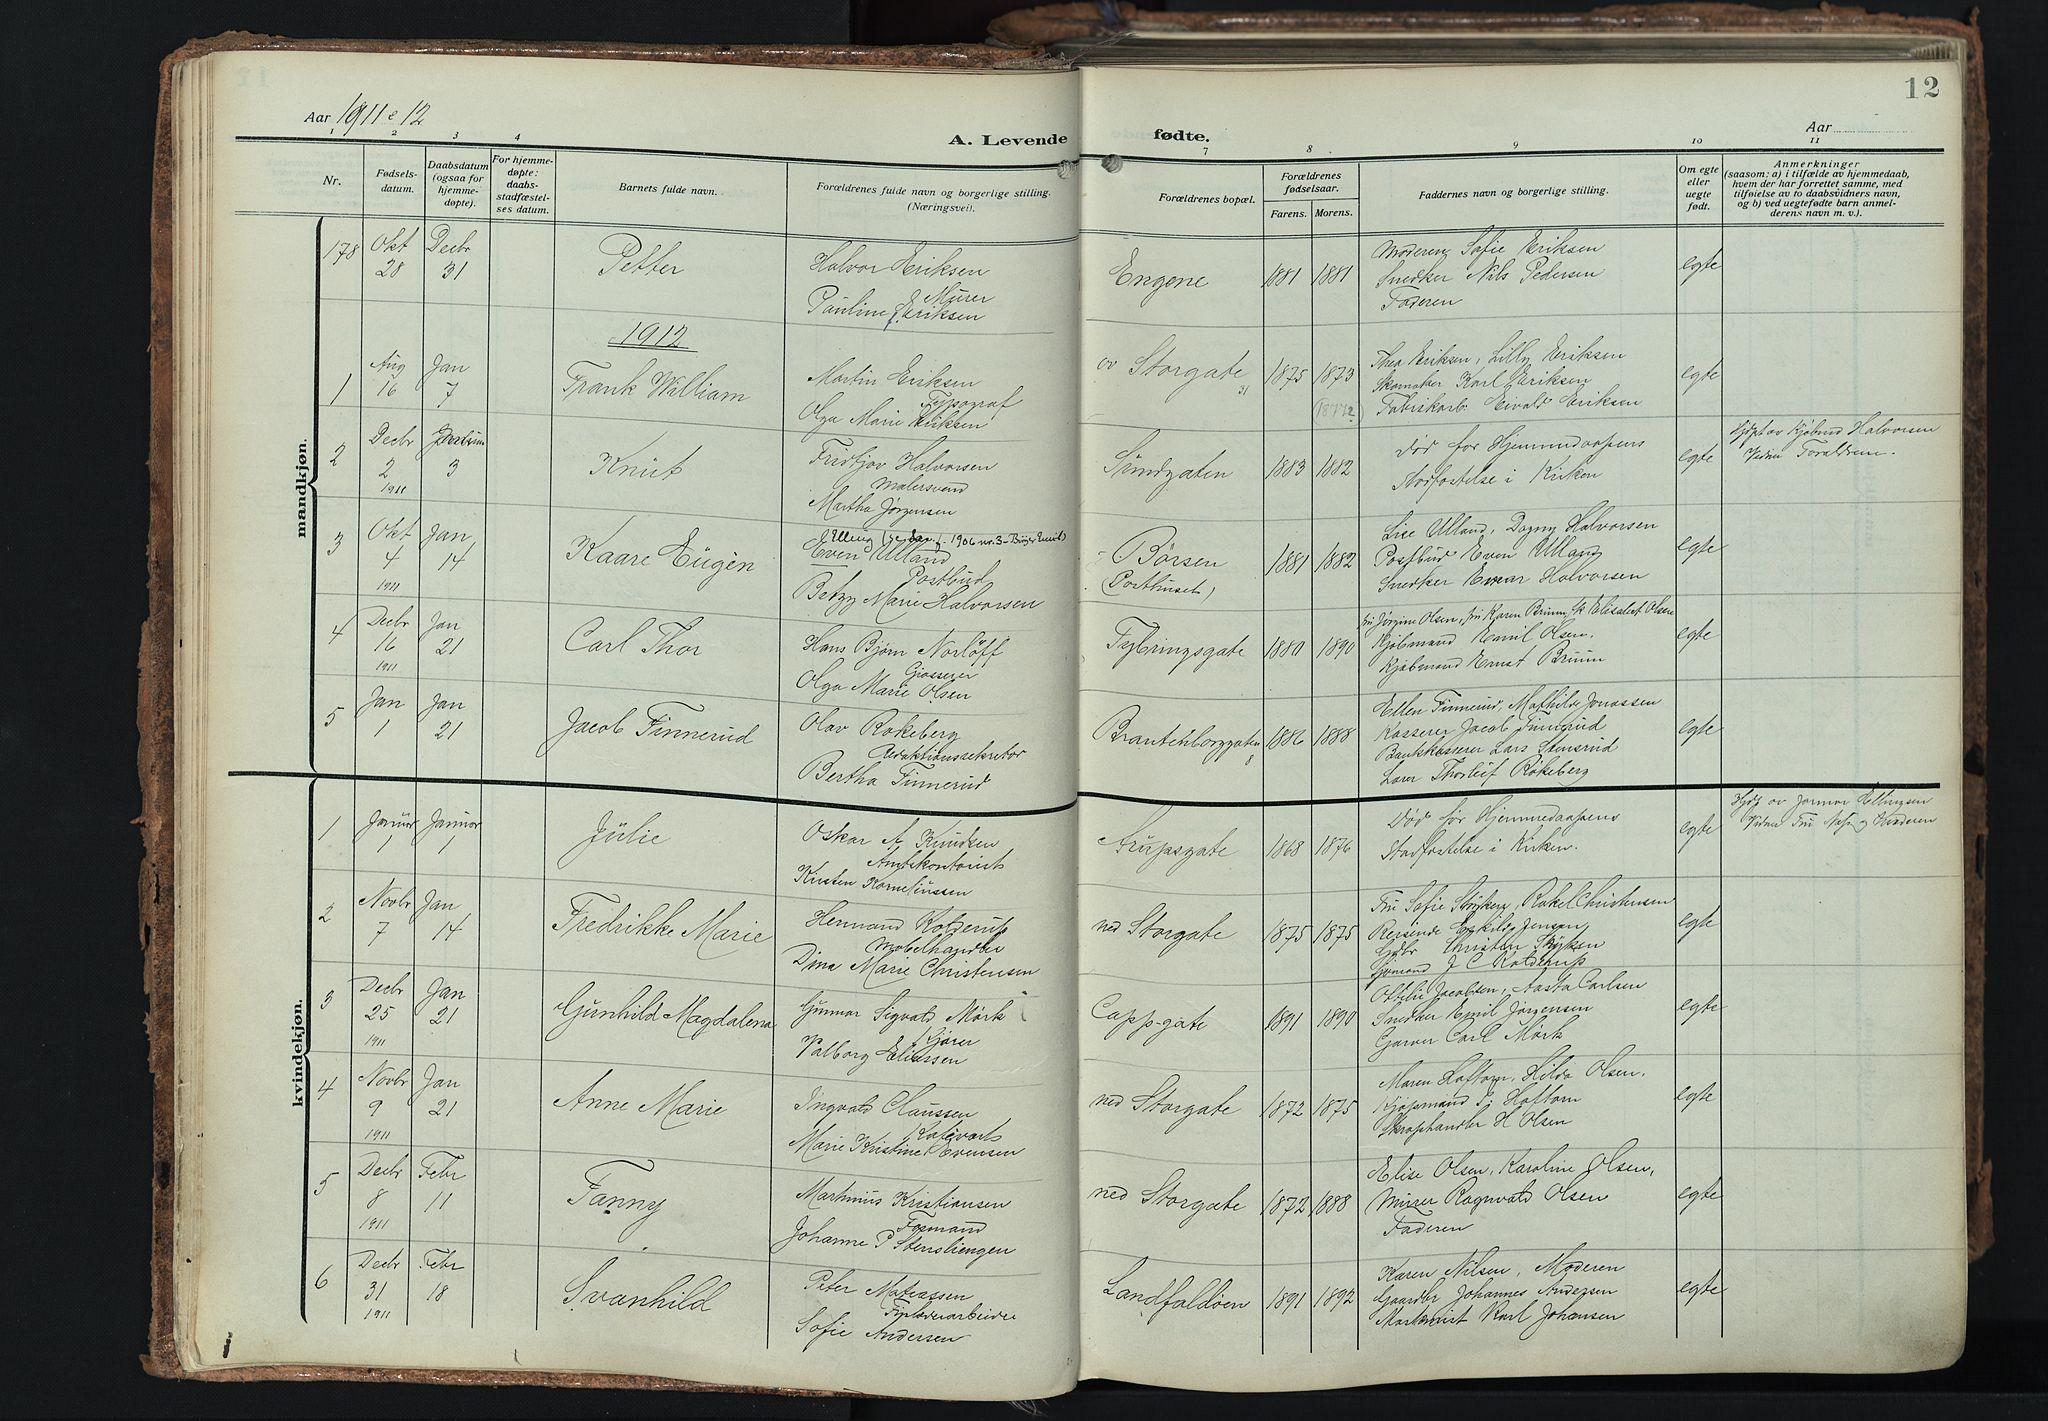 SAKO, Bragernes kirkebøker, F/Fb/L0010: Ministerialbok nr. II 10, 1911-1922, s. 12